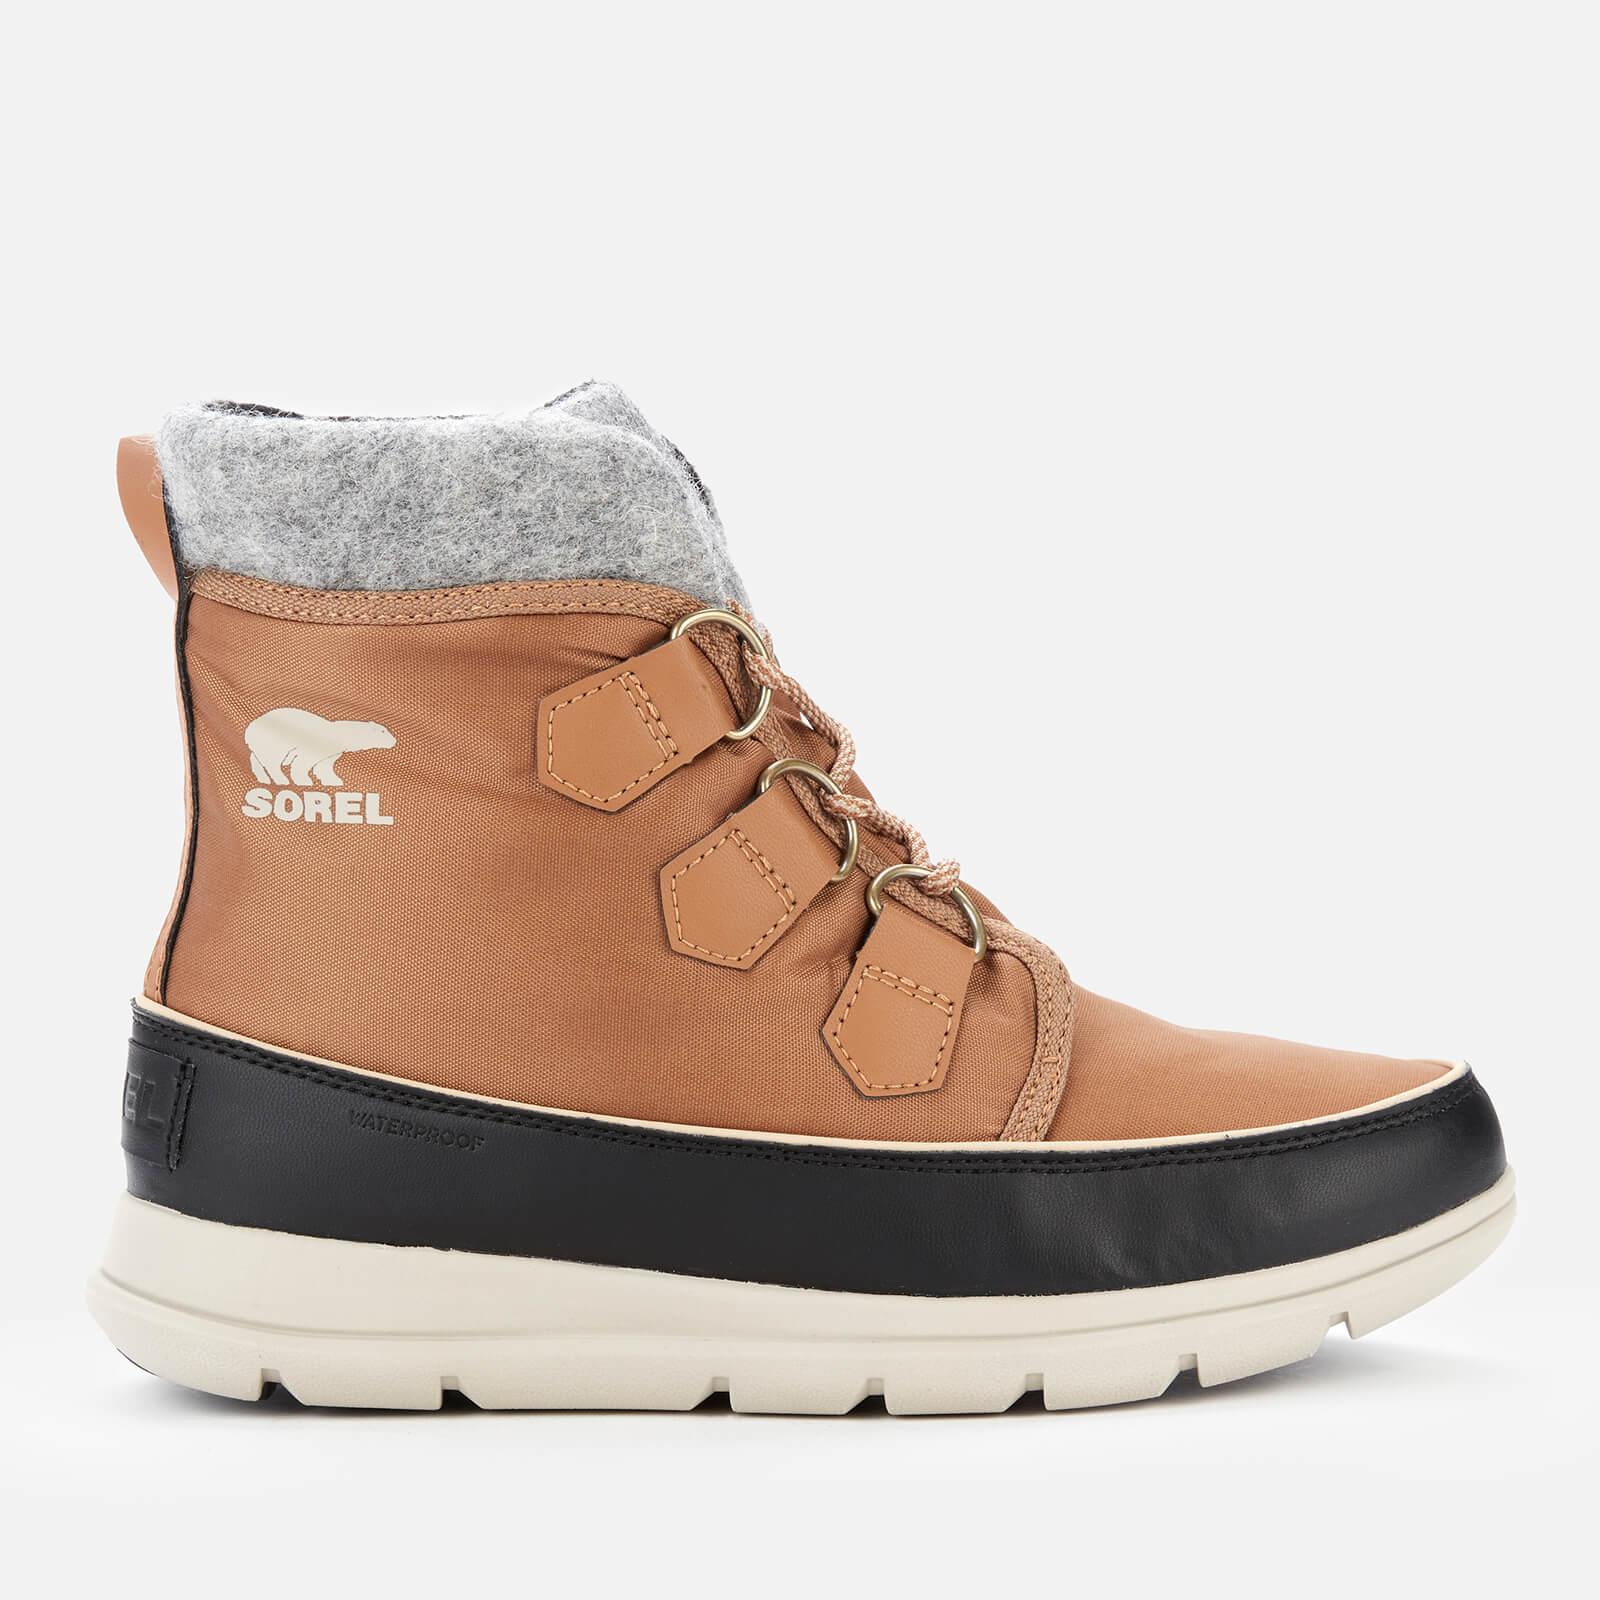 Sorel Women's Explorer Carnival Waterproof Boots - Elk - Uk 3